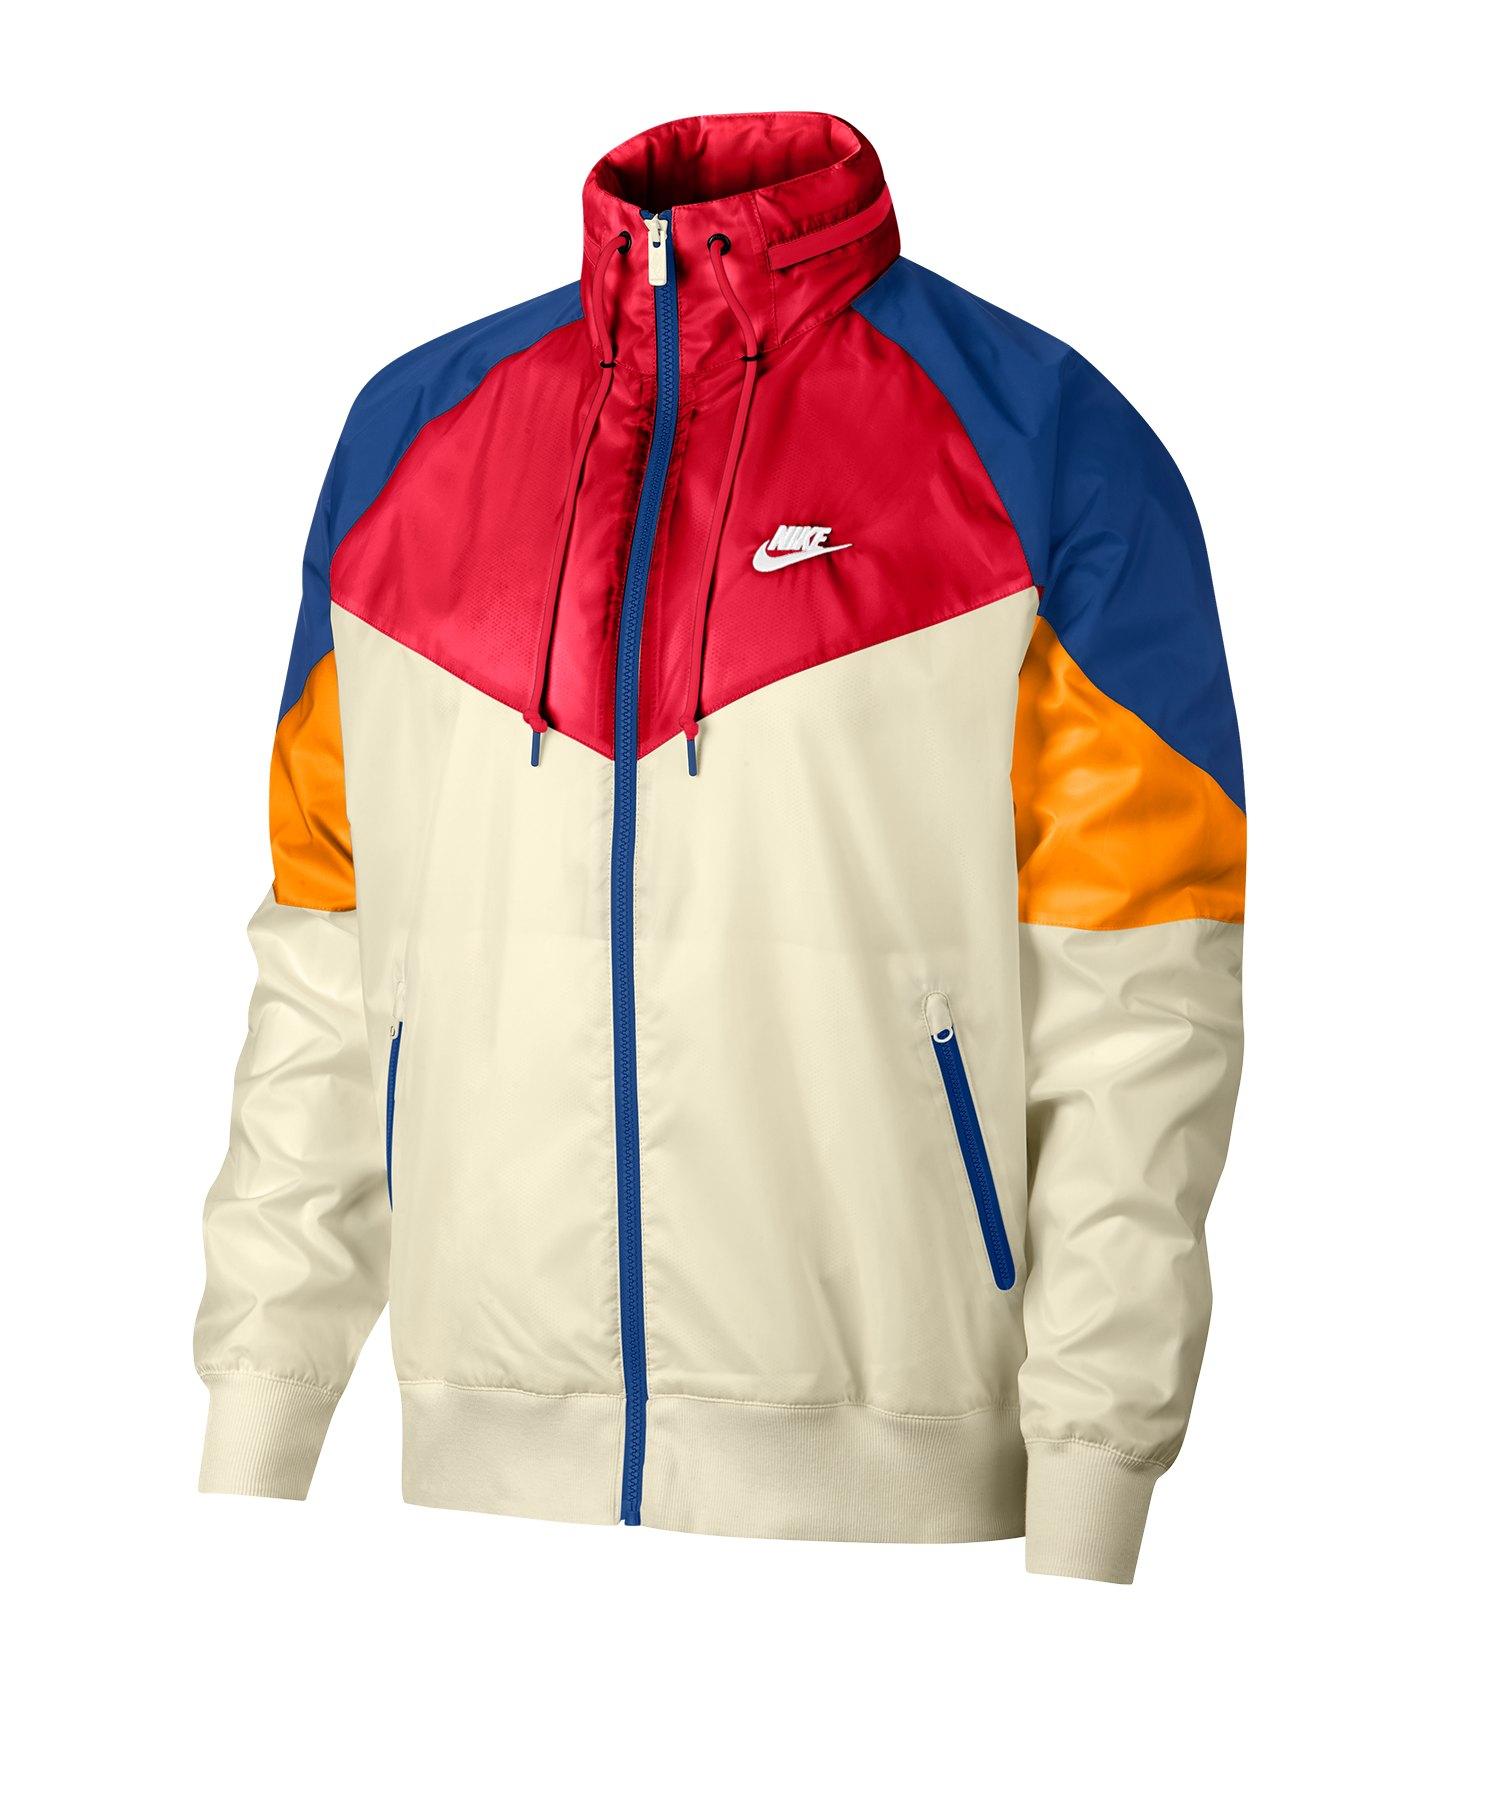 Nike Windrunner Jacke Beige Rot Blau F271